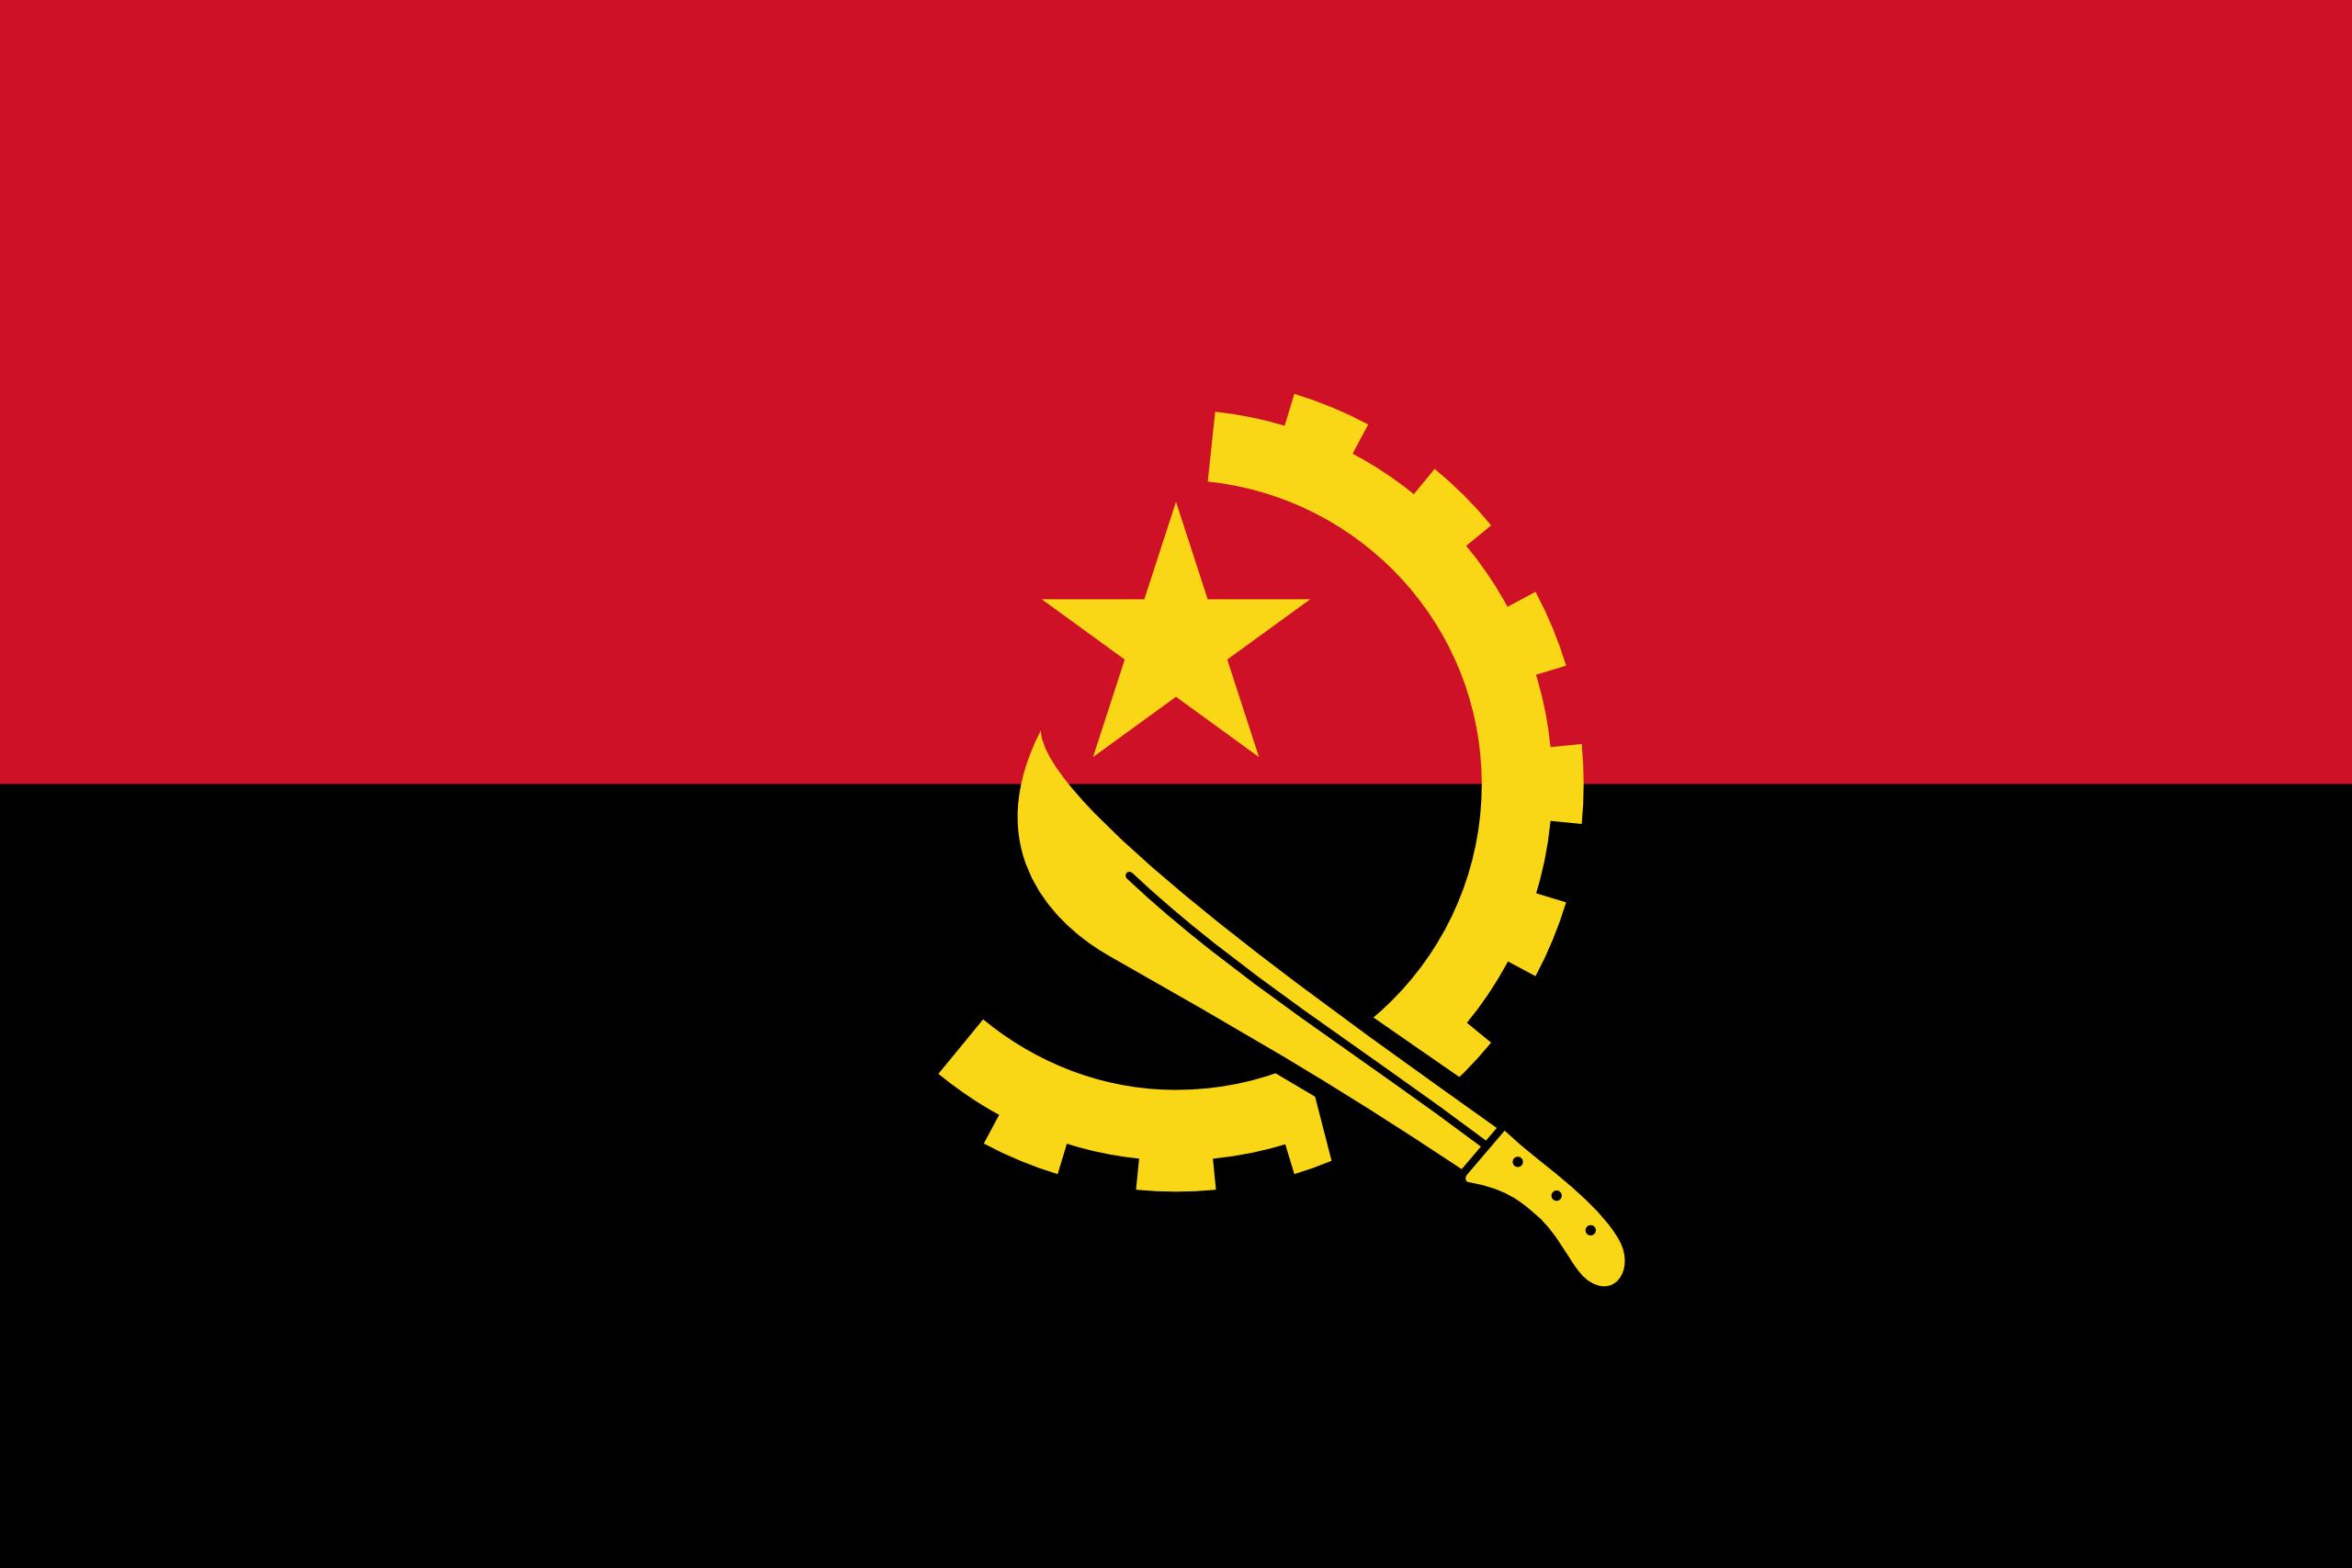 angola, χώρα, έμβλημα, λογότυπο, σύμβολο - Wallpapers HD - Professor-falken.com